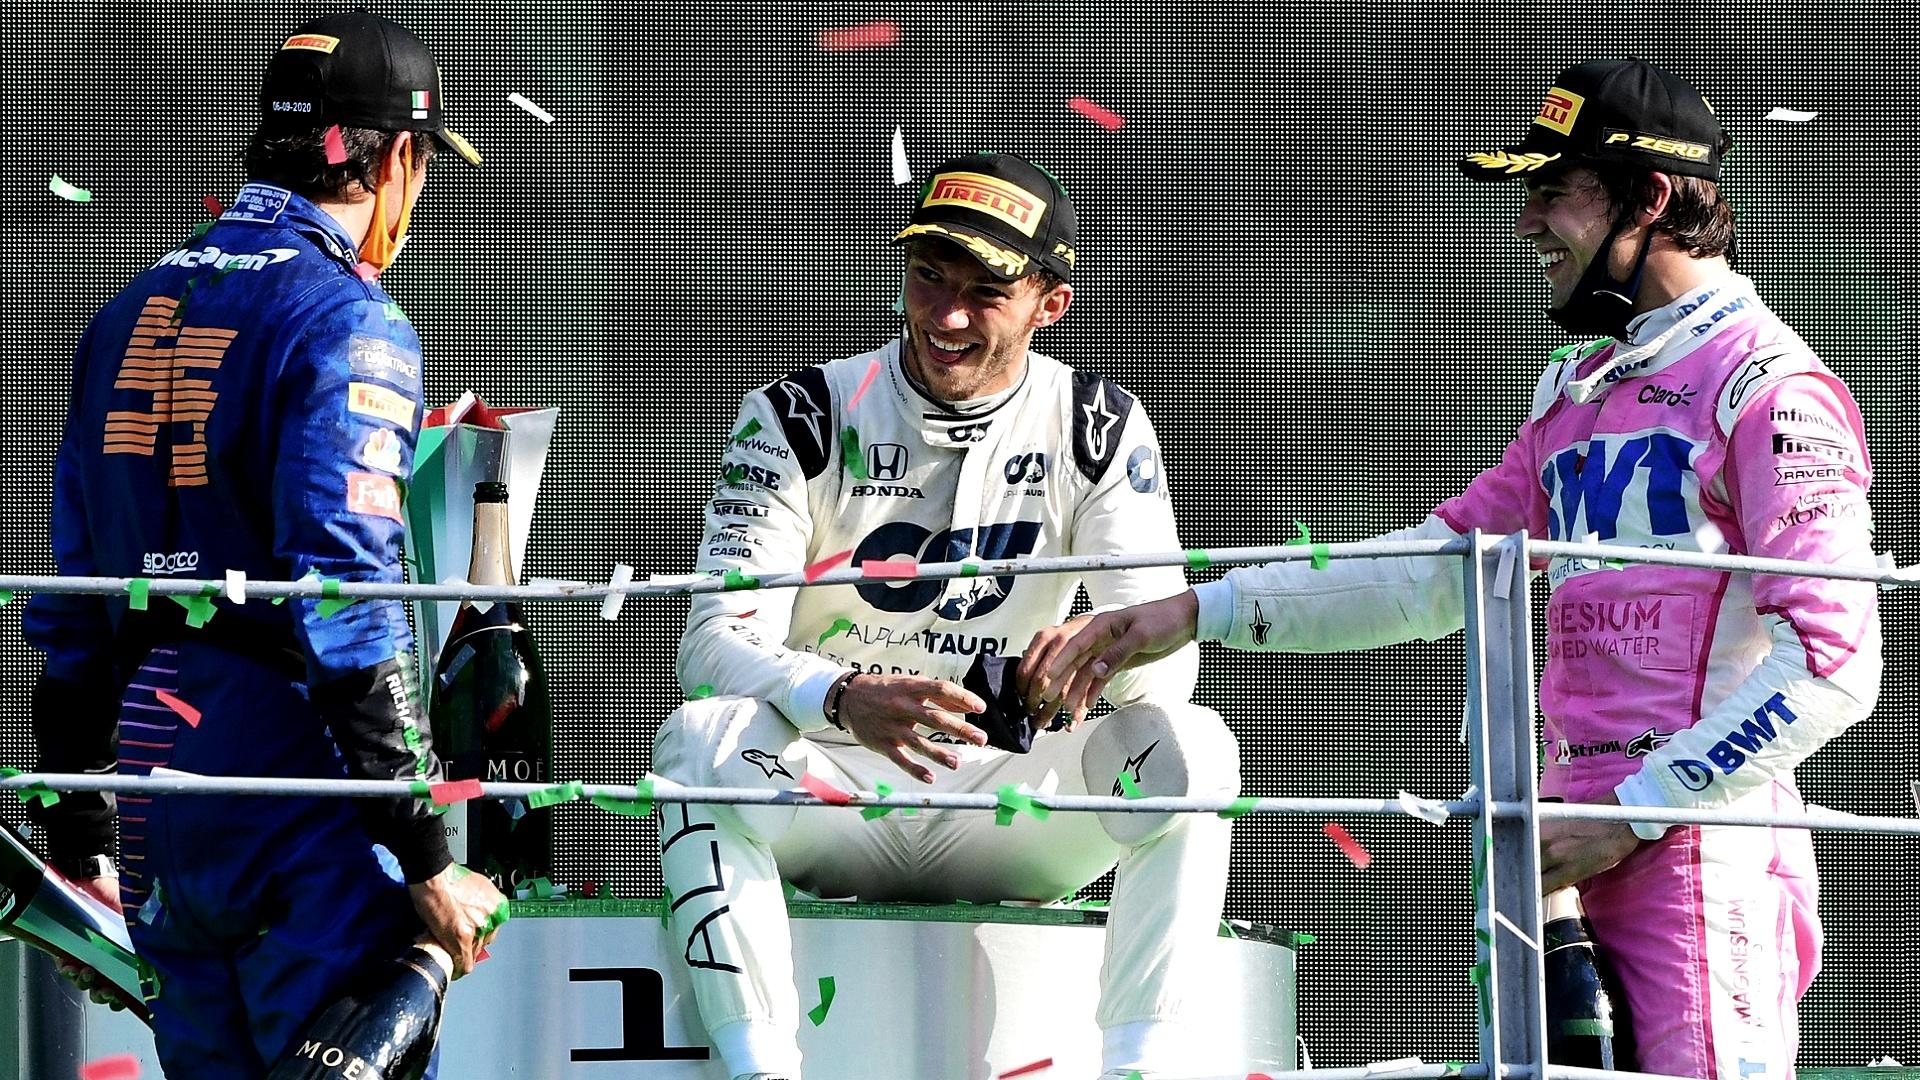 2020-09-10 Formula 1 F1 Gasly ALPHATAURI